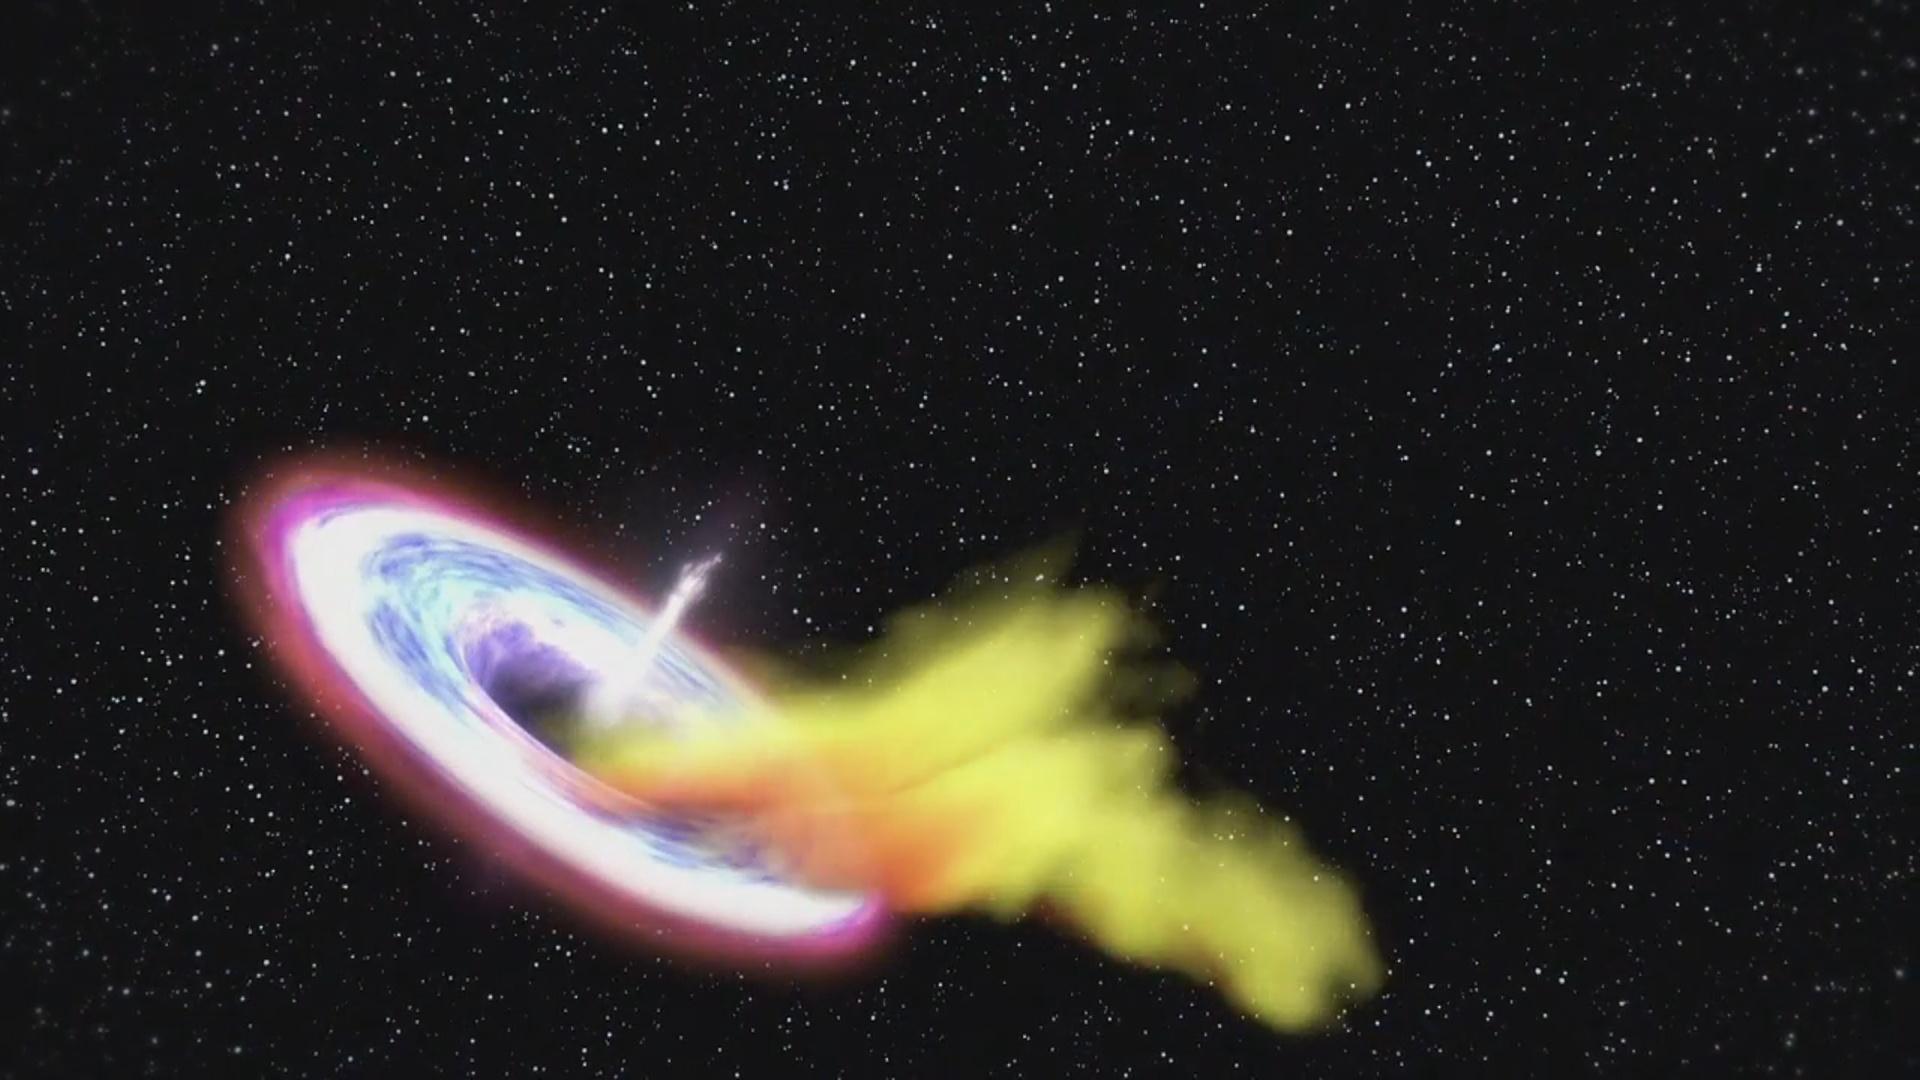 Astrofiziklər indiyədək belə hadisəyə rast gəlməyiblər